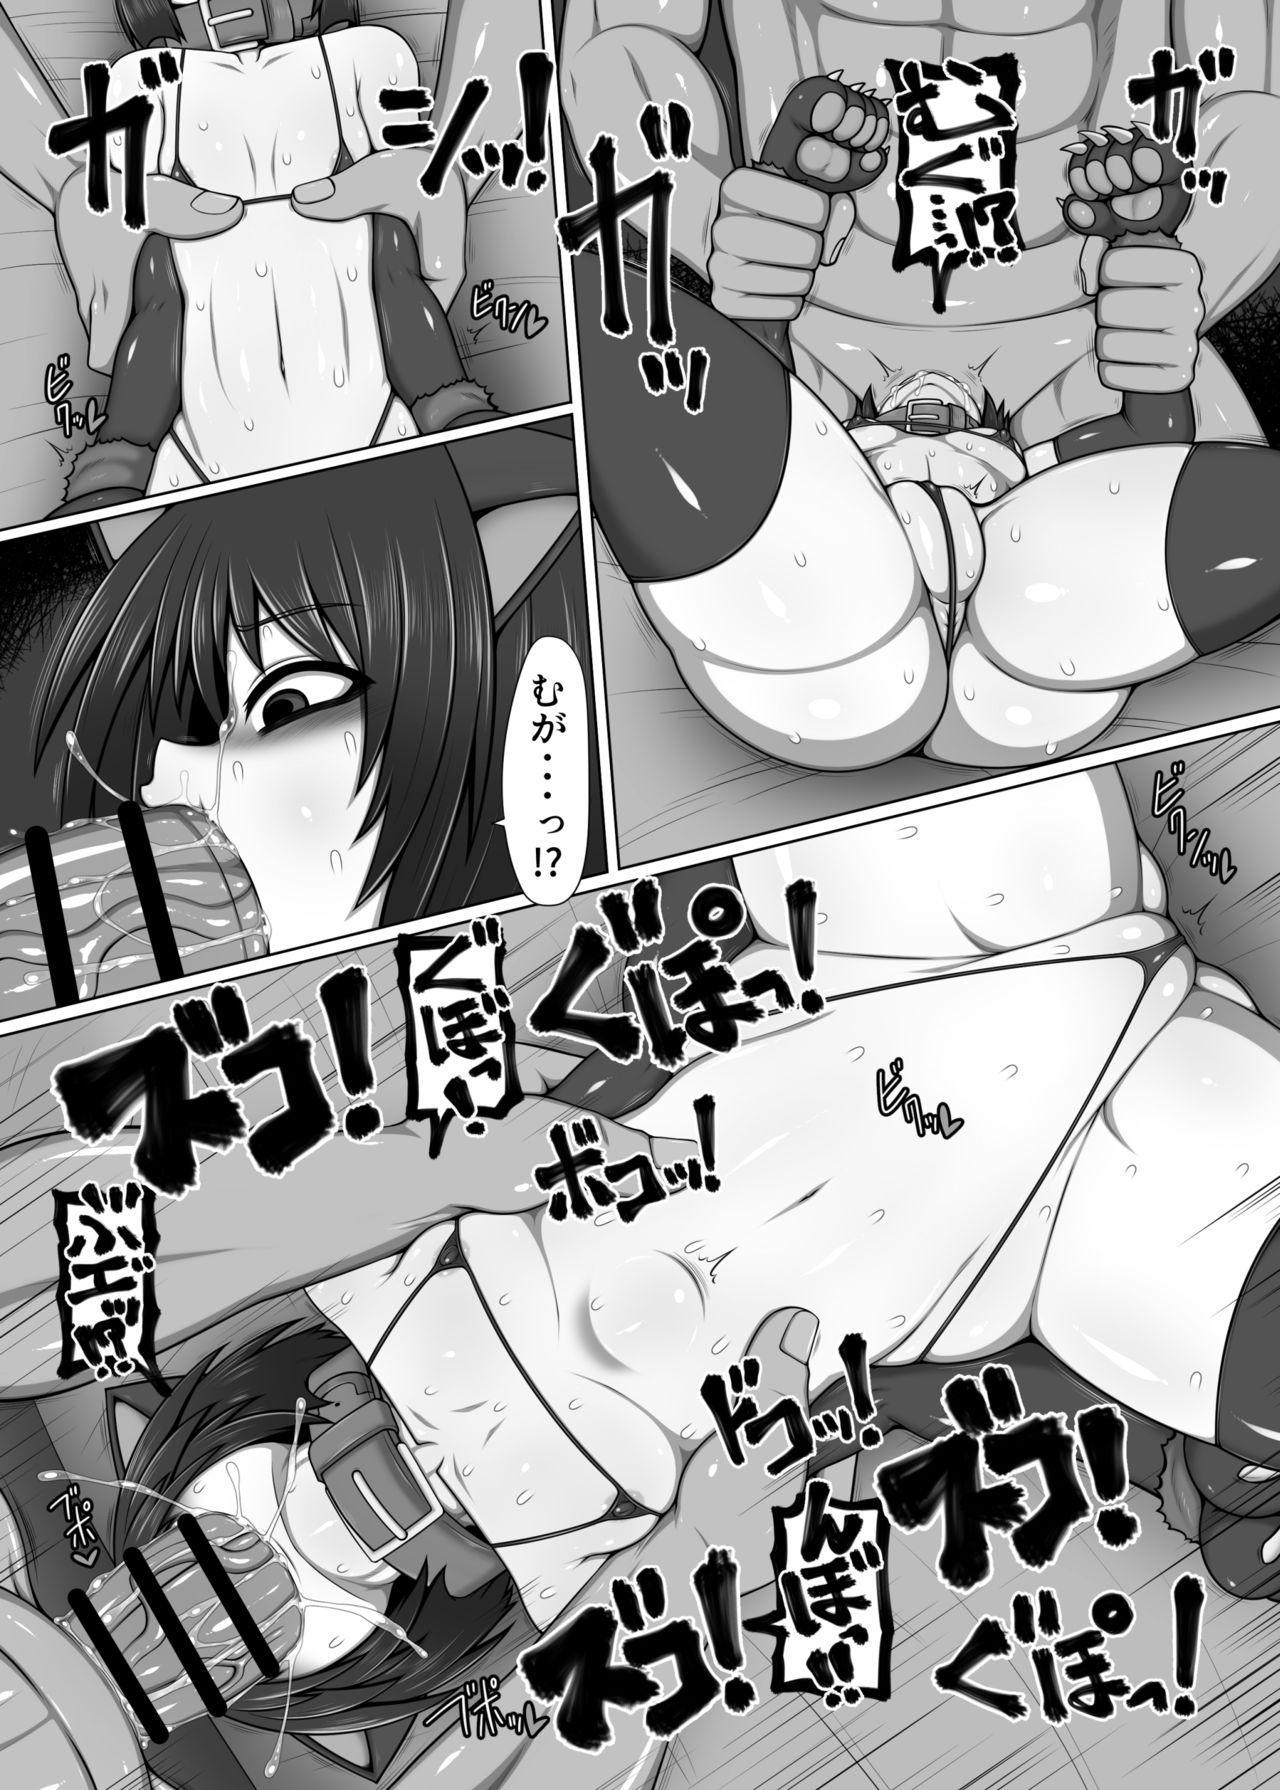 Uchi no Shimai no Shakkin Hensai Force of Gigant 23